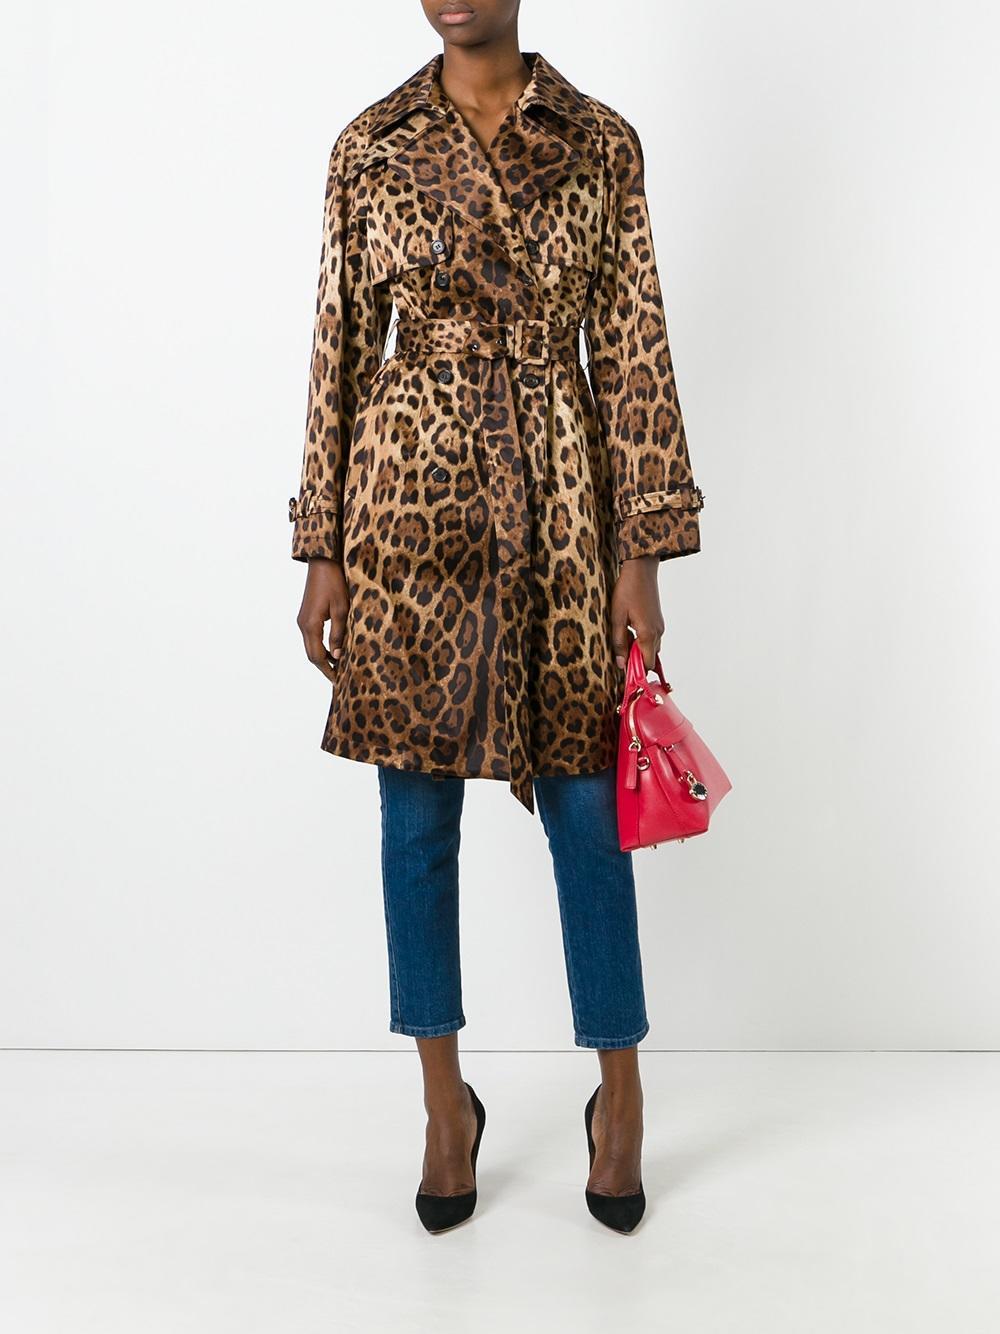 Dolce & Gabbana  $1,797